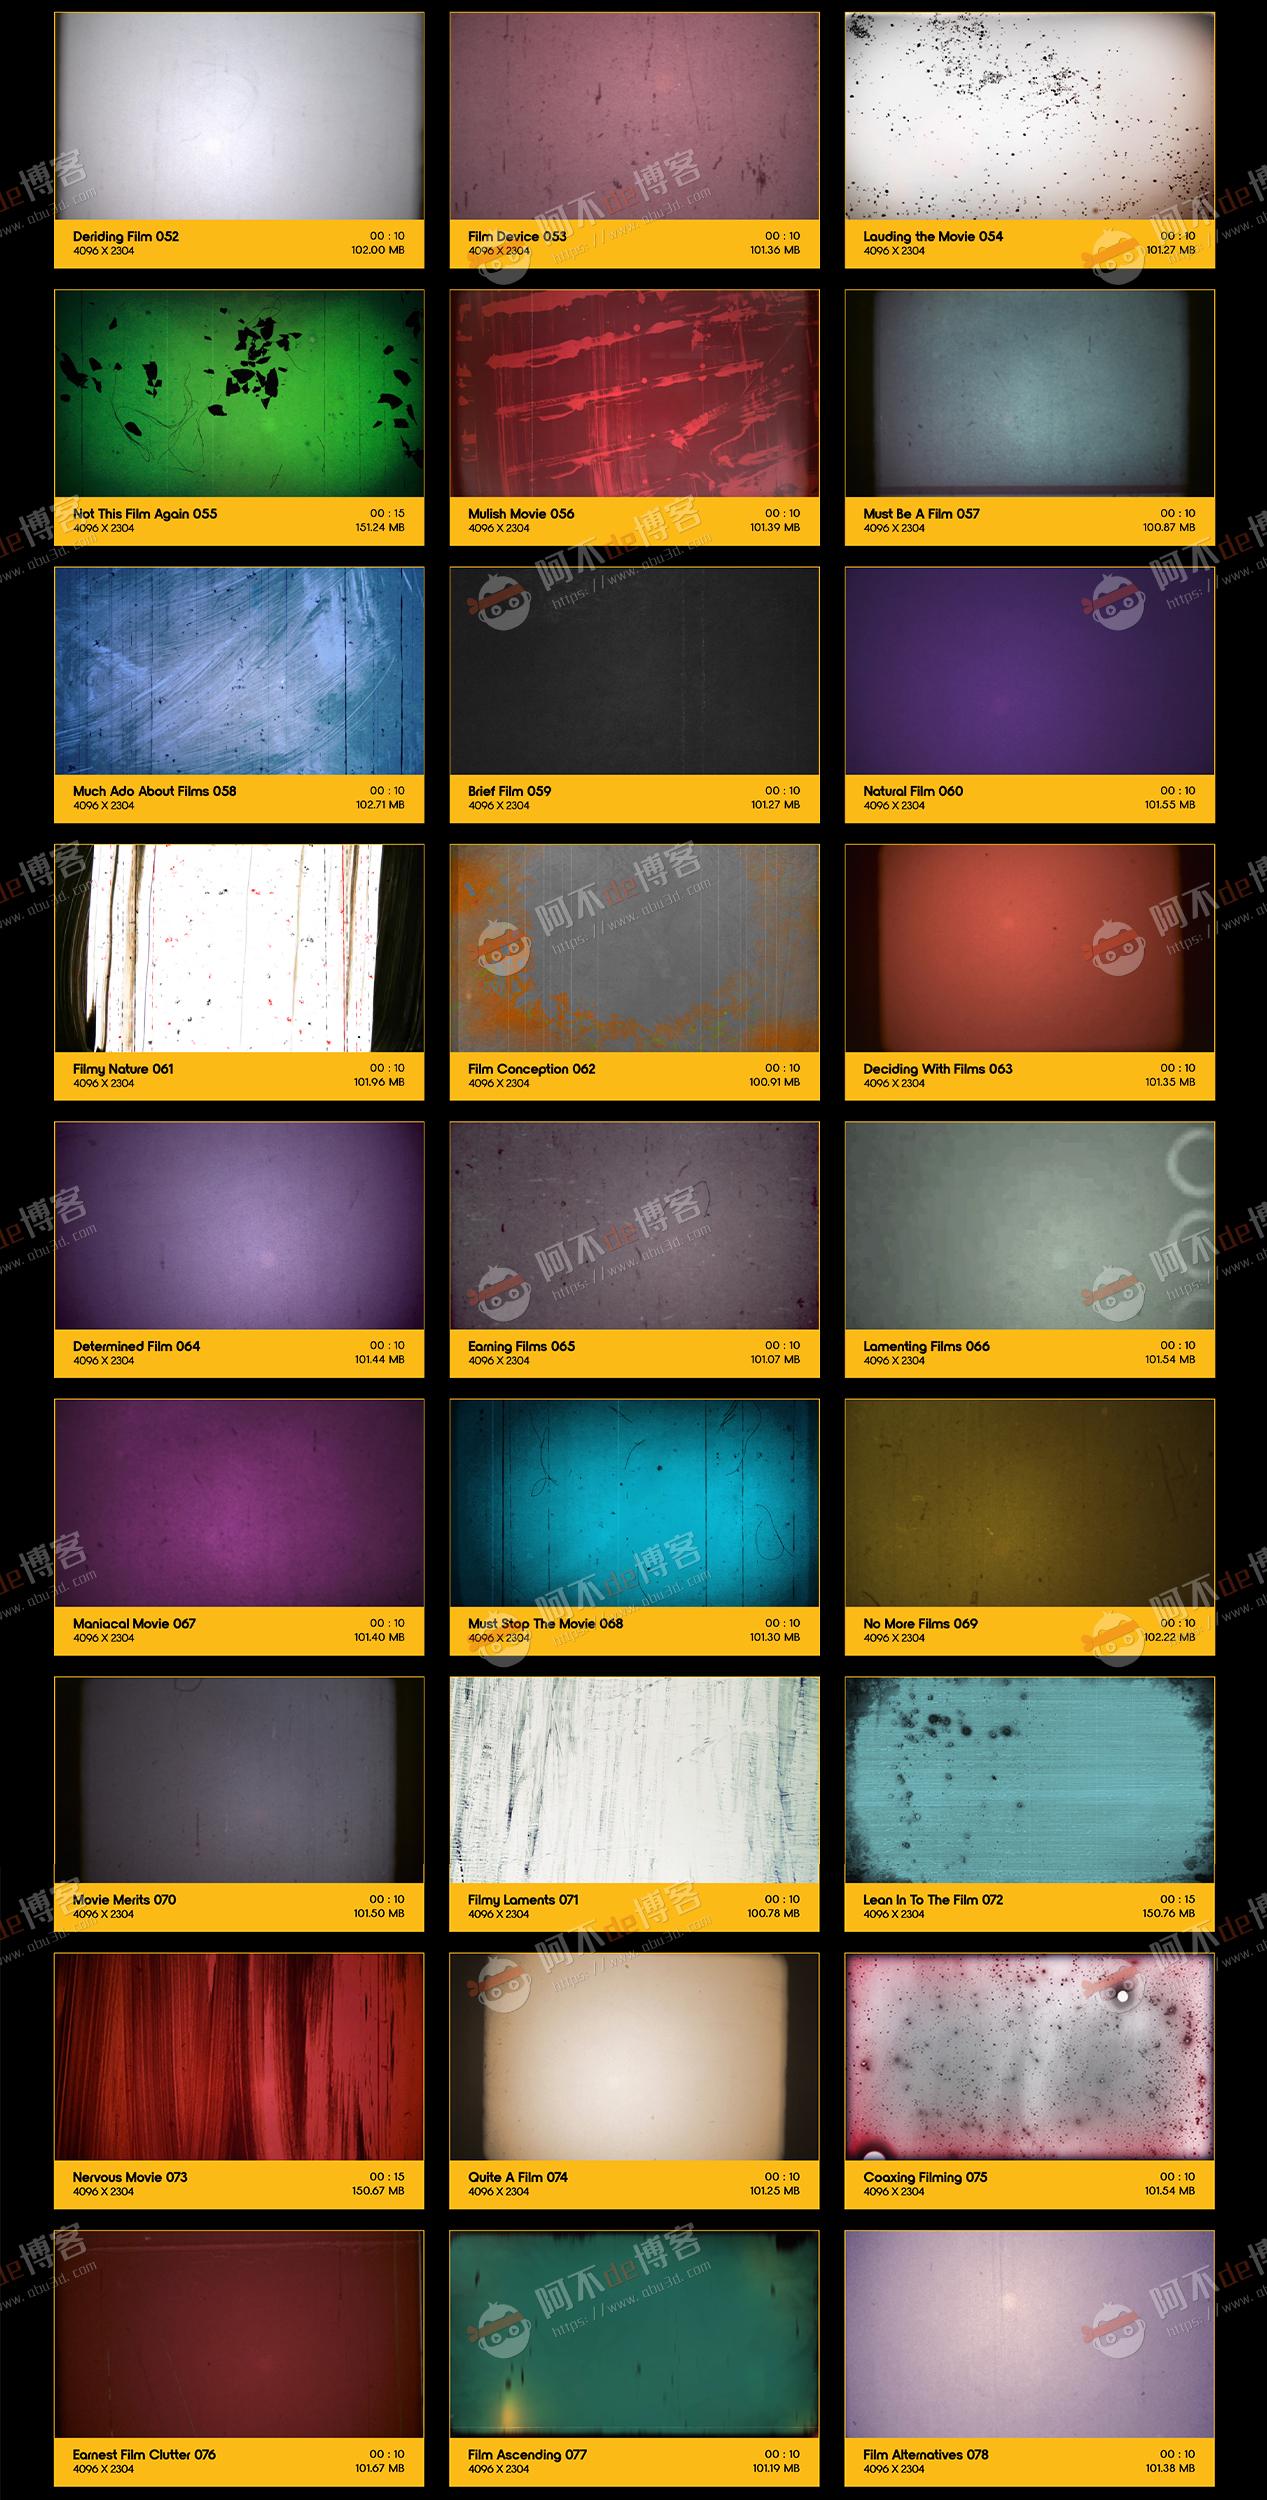 视频素材 BusyBoxx V10 Film Clutter 209组复古怀旧老电影胶片灼烧刮痕污渍噪波动画 特效合成素材插图2